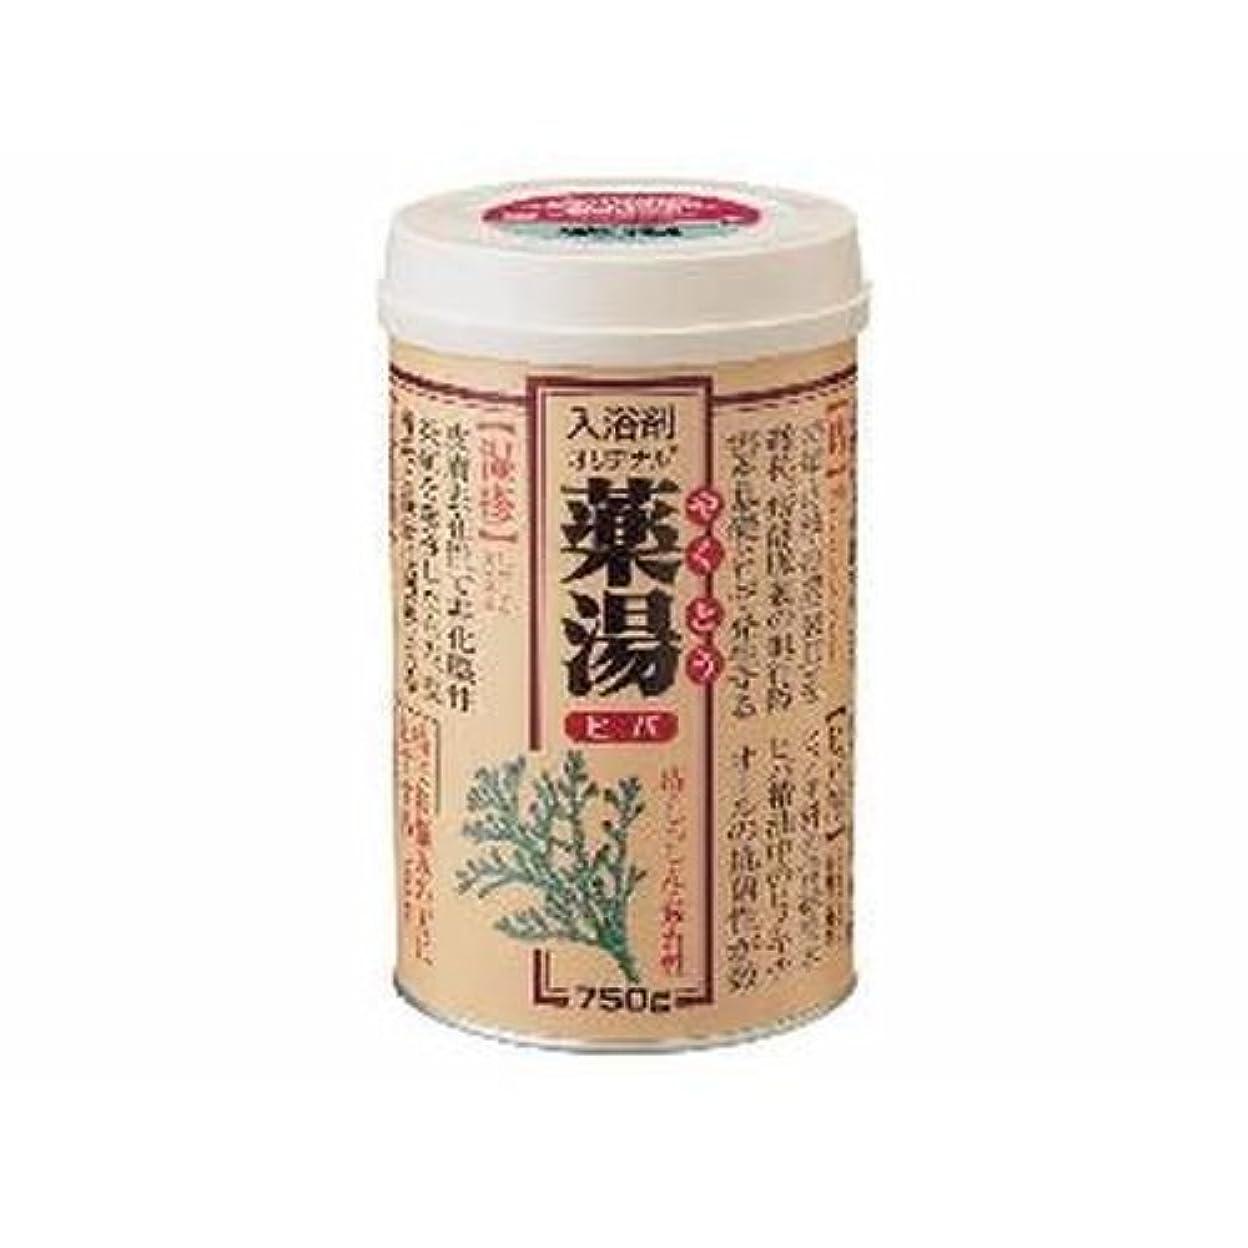 ミシンコインランドリー蓄積する【まとめ買い】NEWオリヂナル薬湯 ヒバ 750g ×2セット